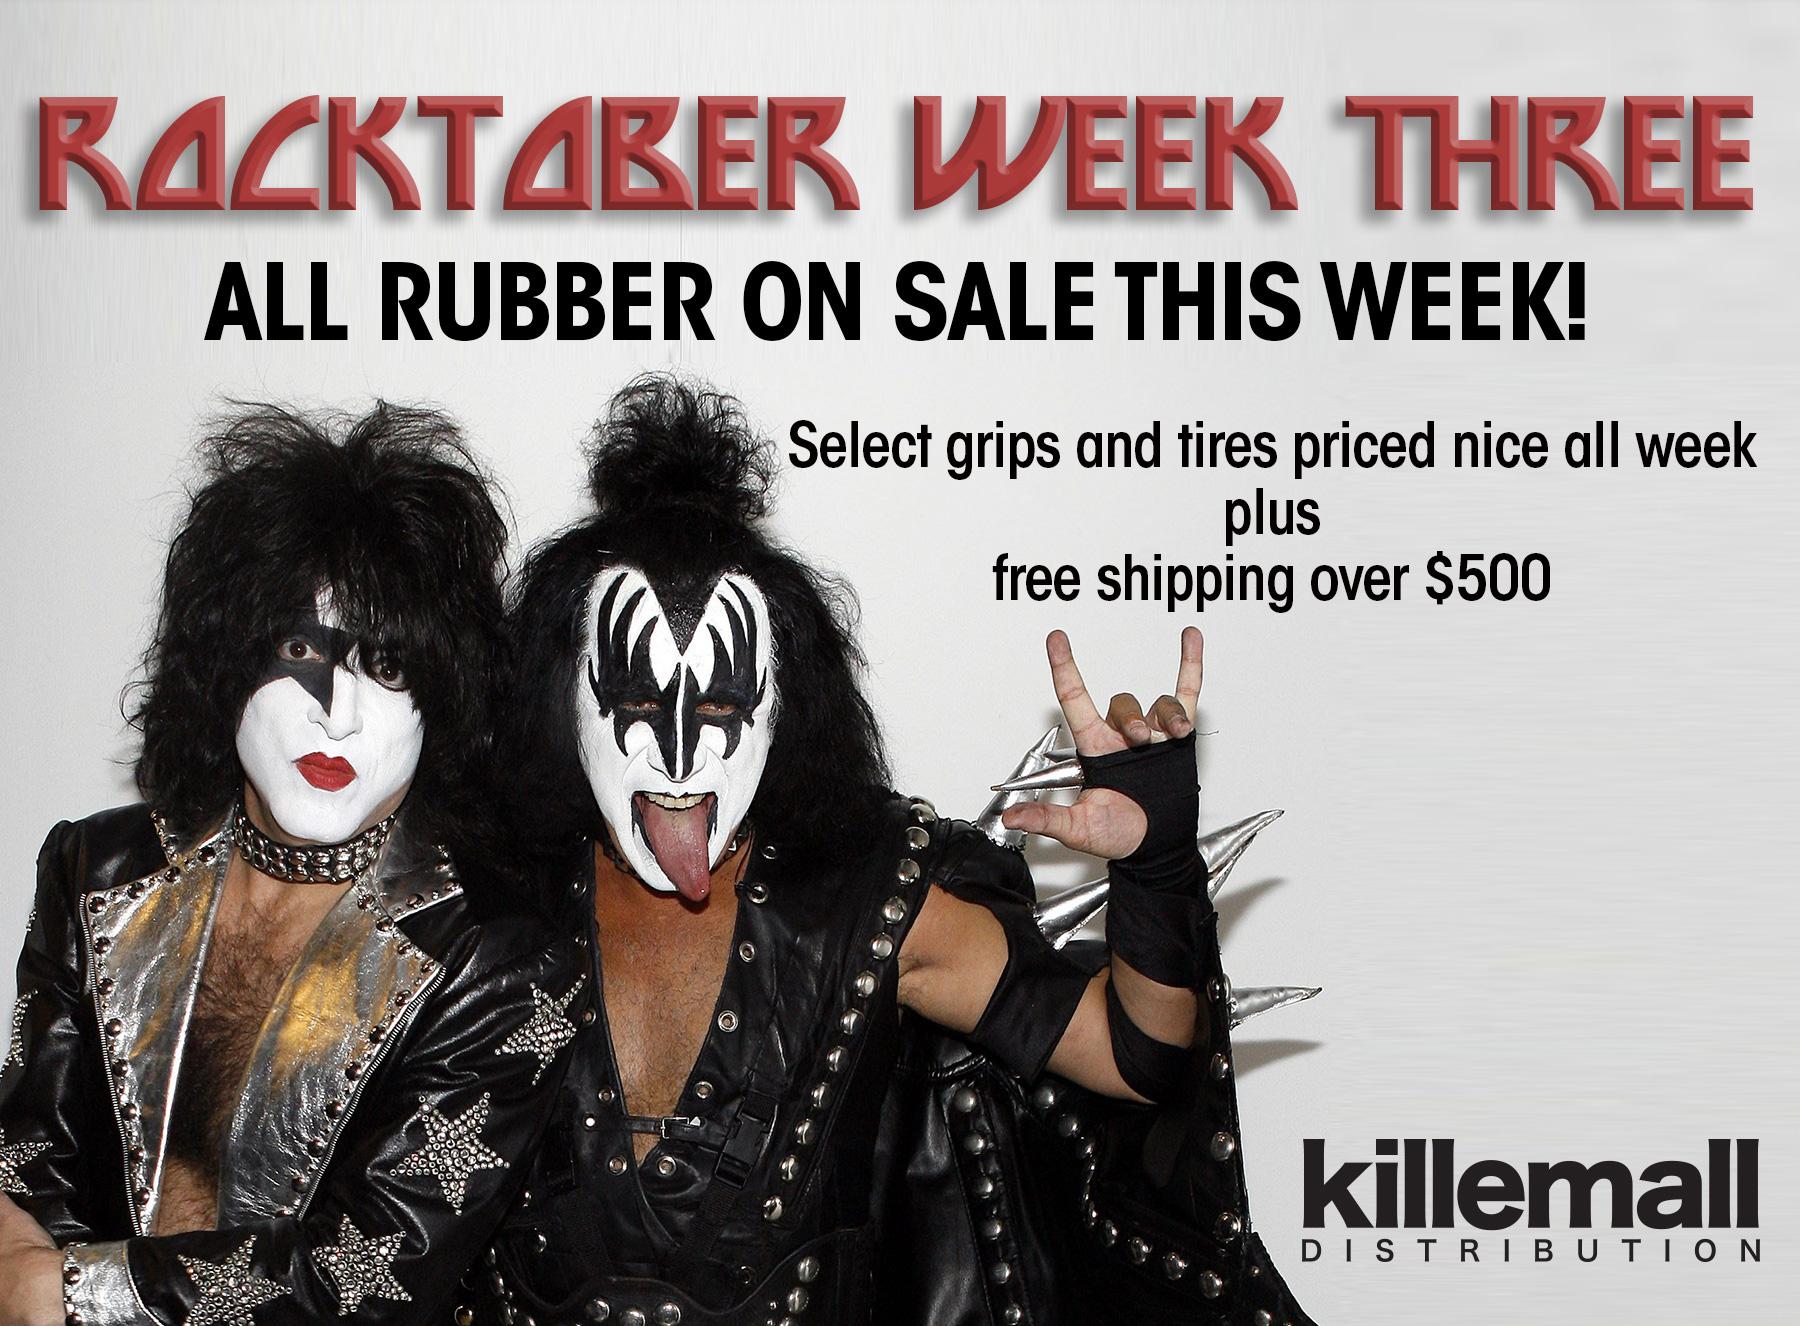 rocktober-week-3.jpg